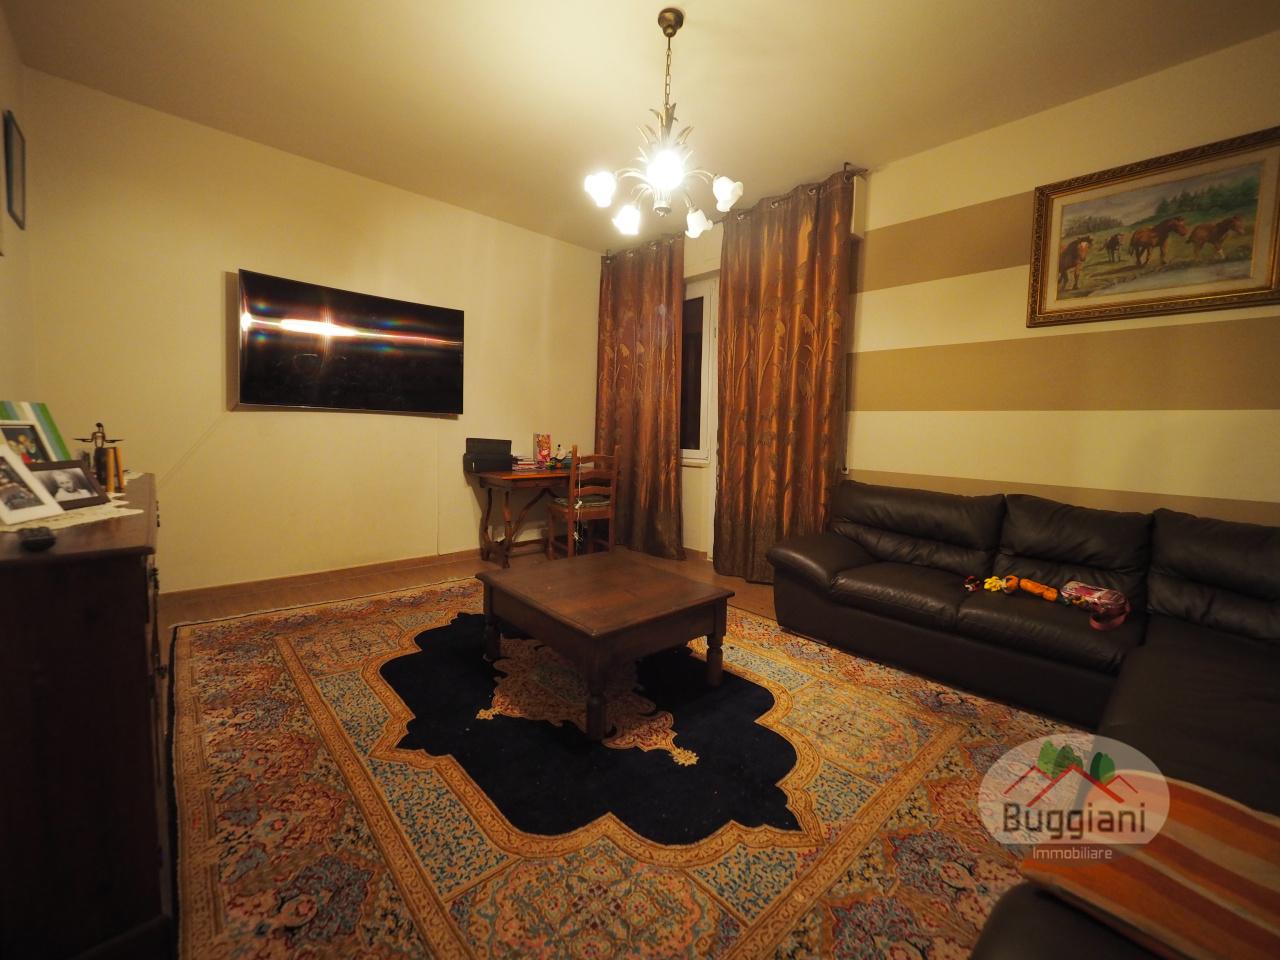 Appartamento in vendita RIF. 1866, Fucecchio (FI)